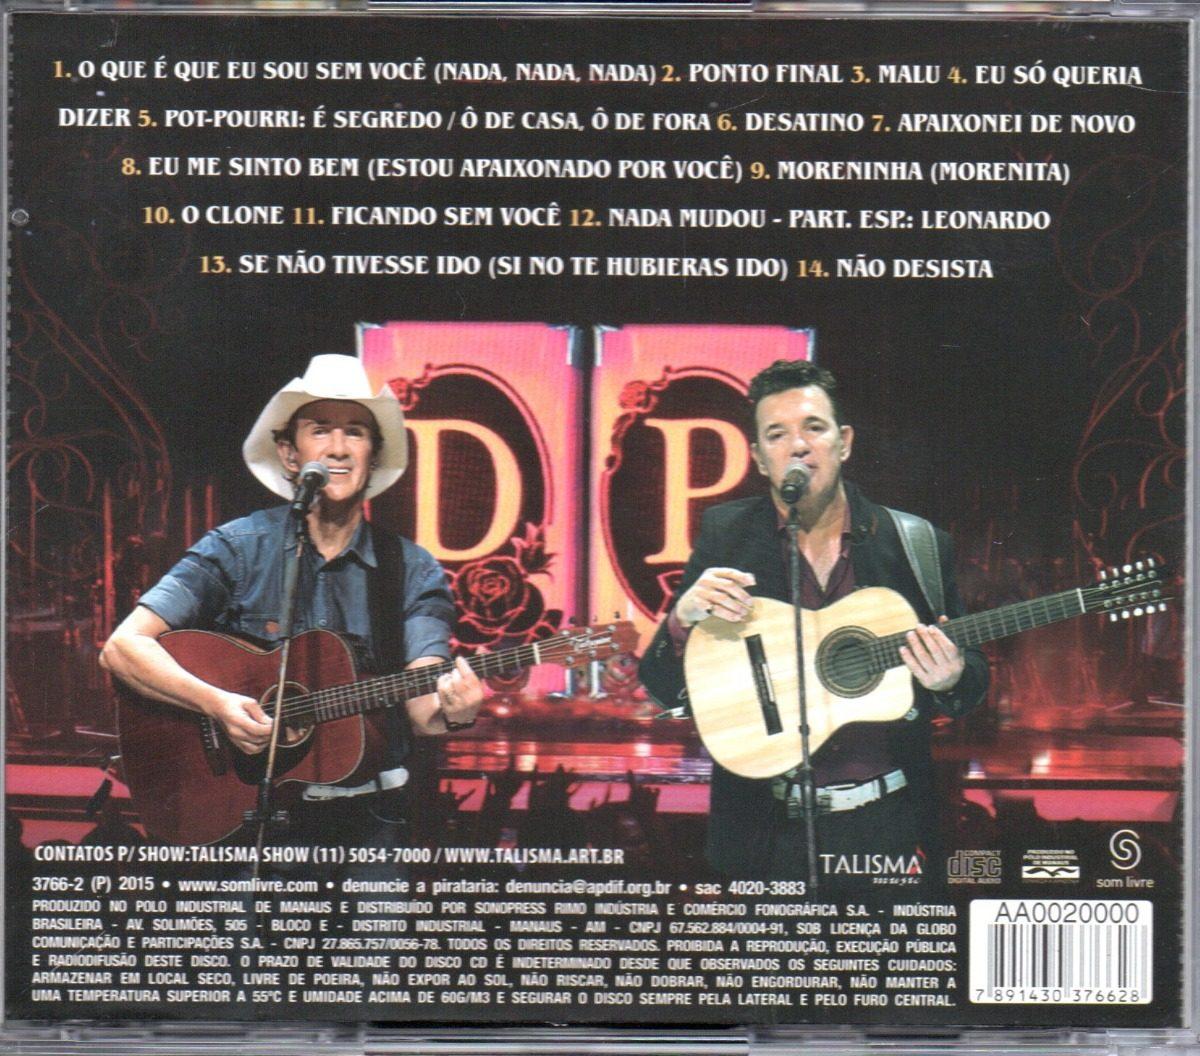 PAULINHO BAIXAR PAULO E CDS DI